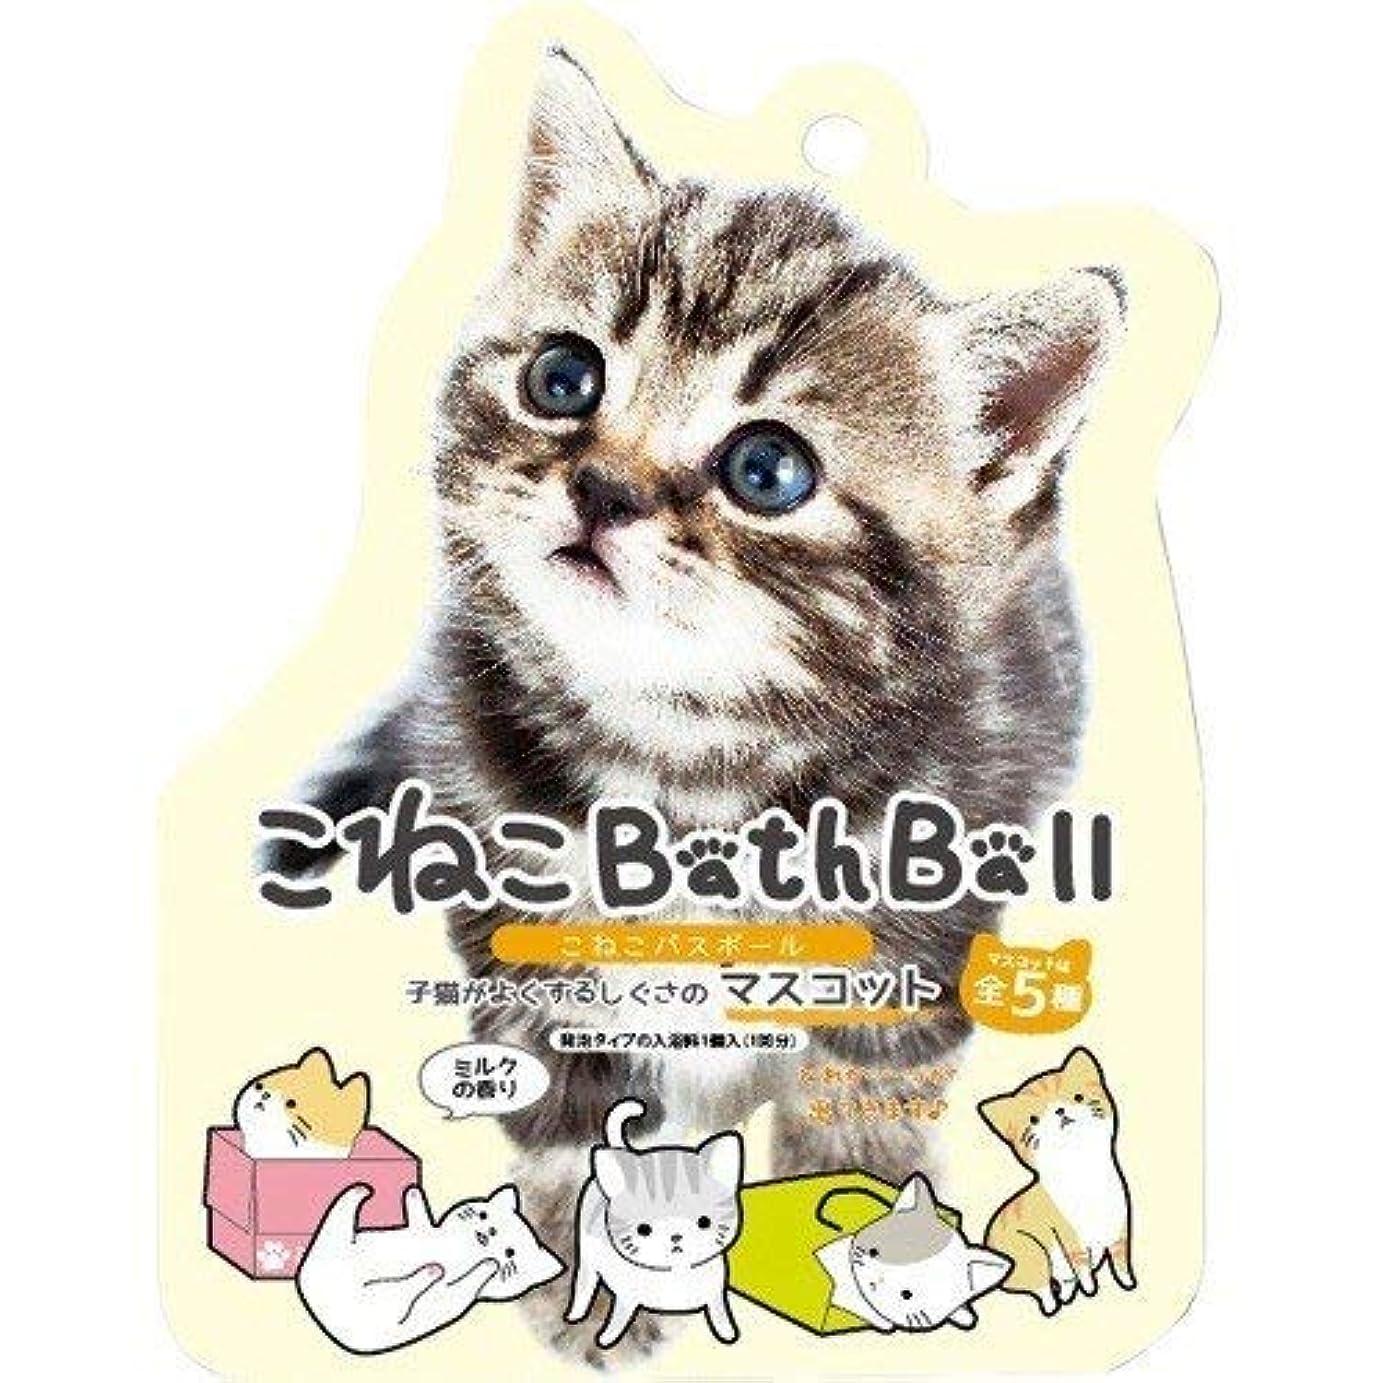 やろうノミネート方程式子ねこ バスボール マスコット入り 6個1セット 子猫 こねこ フィギュア入り 入浴剤